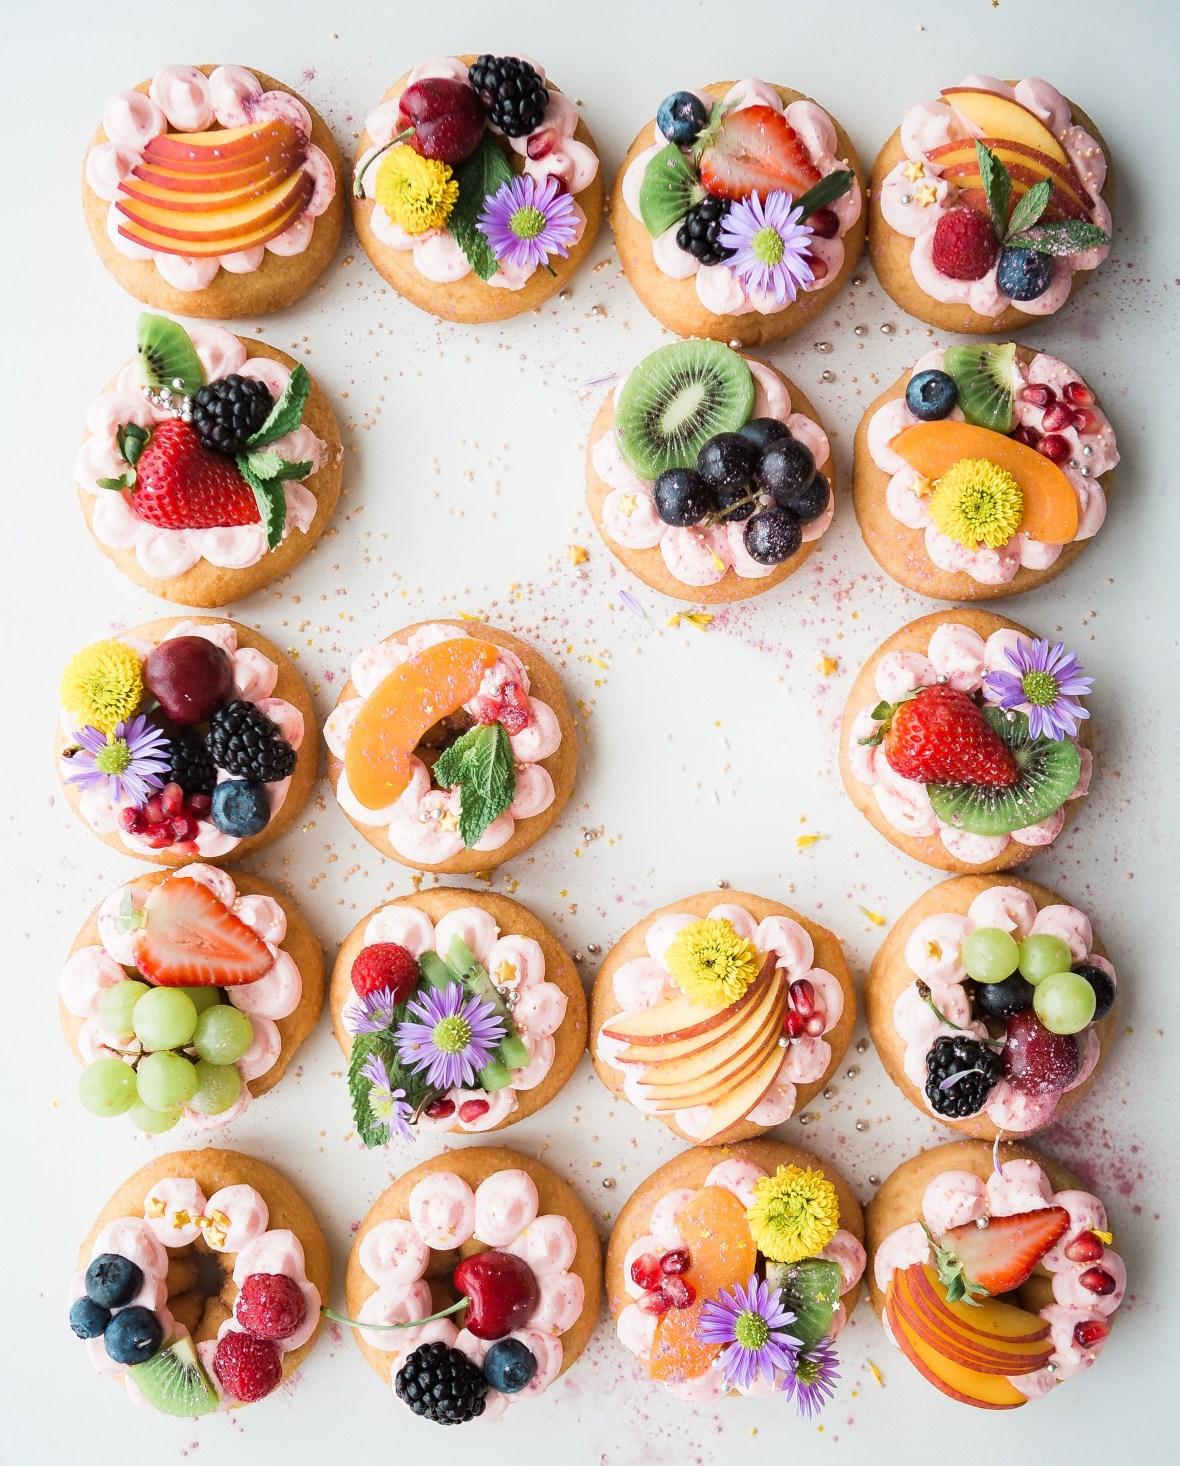 Colourful fruit tarts